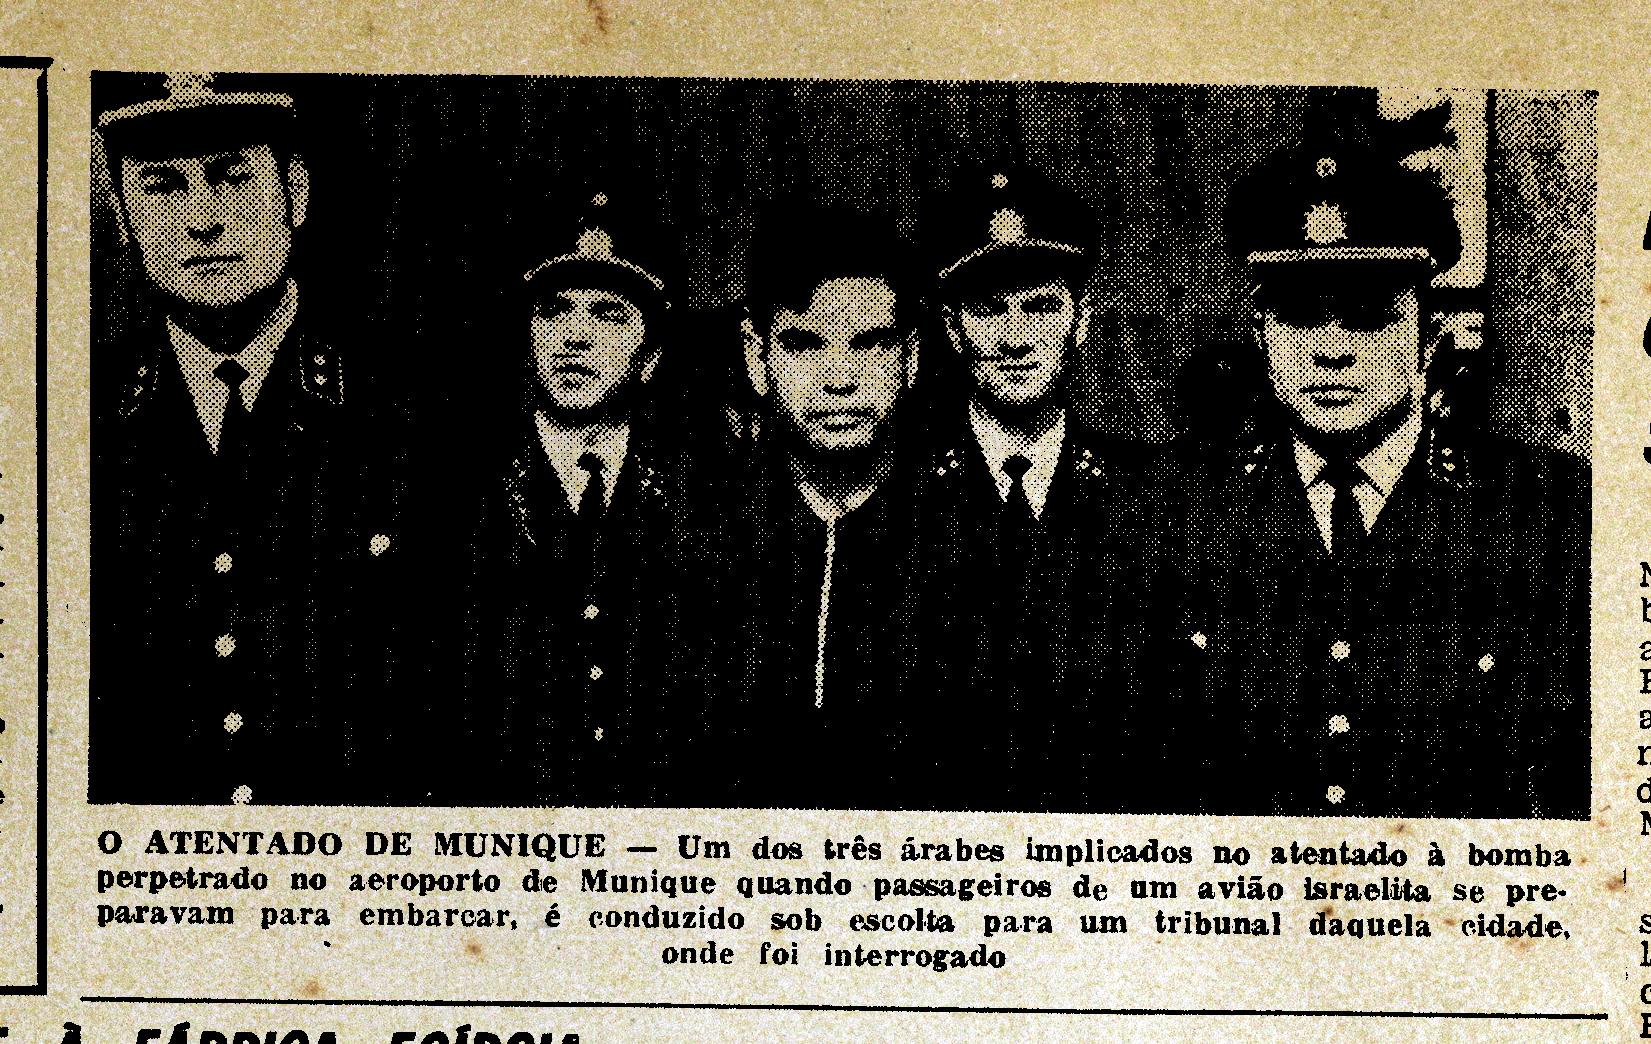 «O atentado de Munique», Diário de Lisbôa, 13/II/1970, p. 9